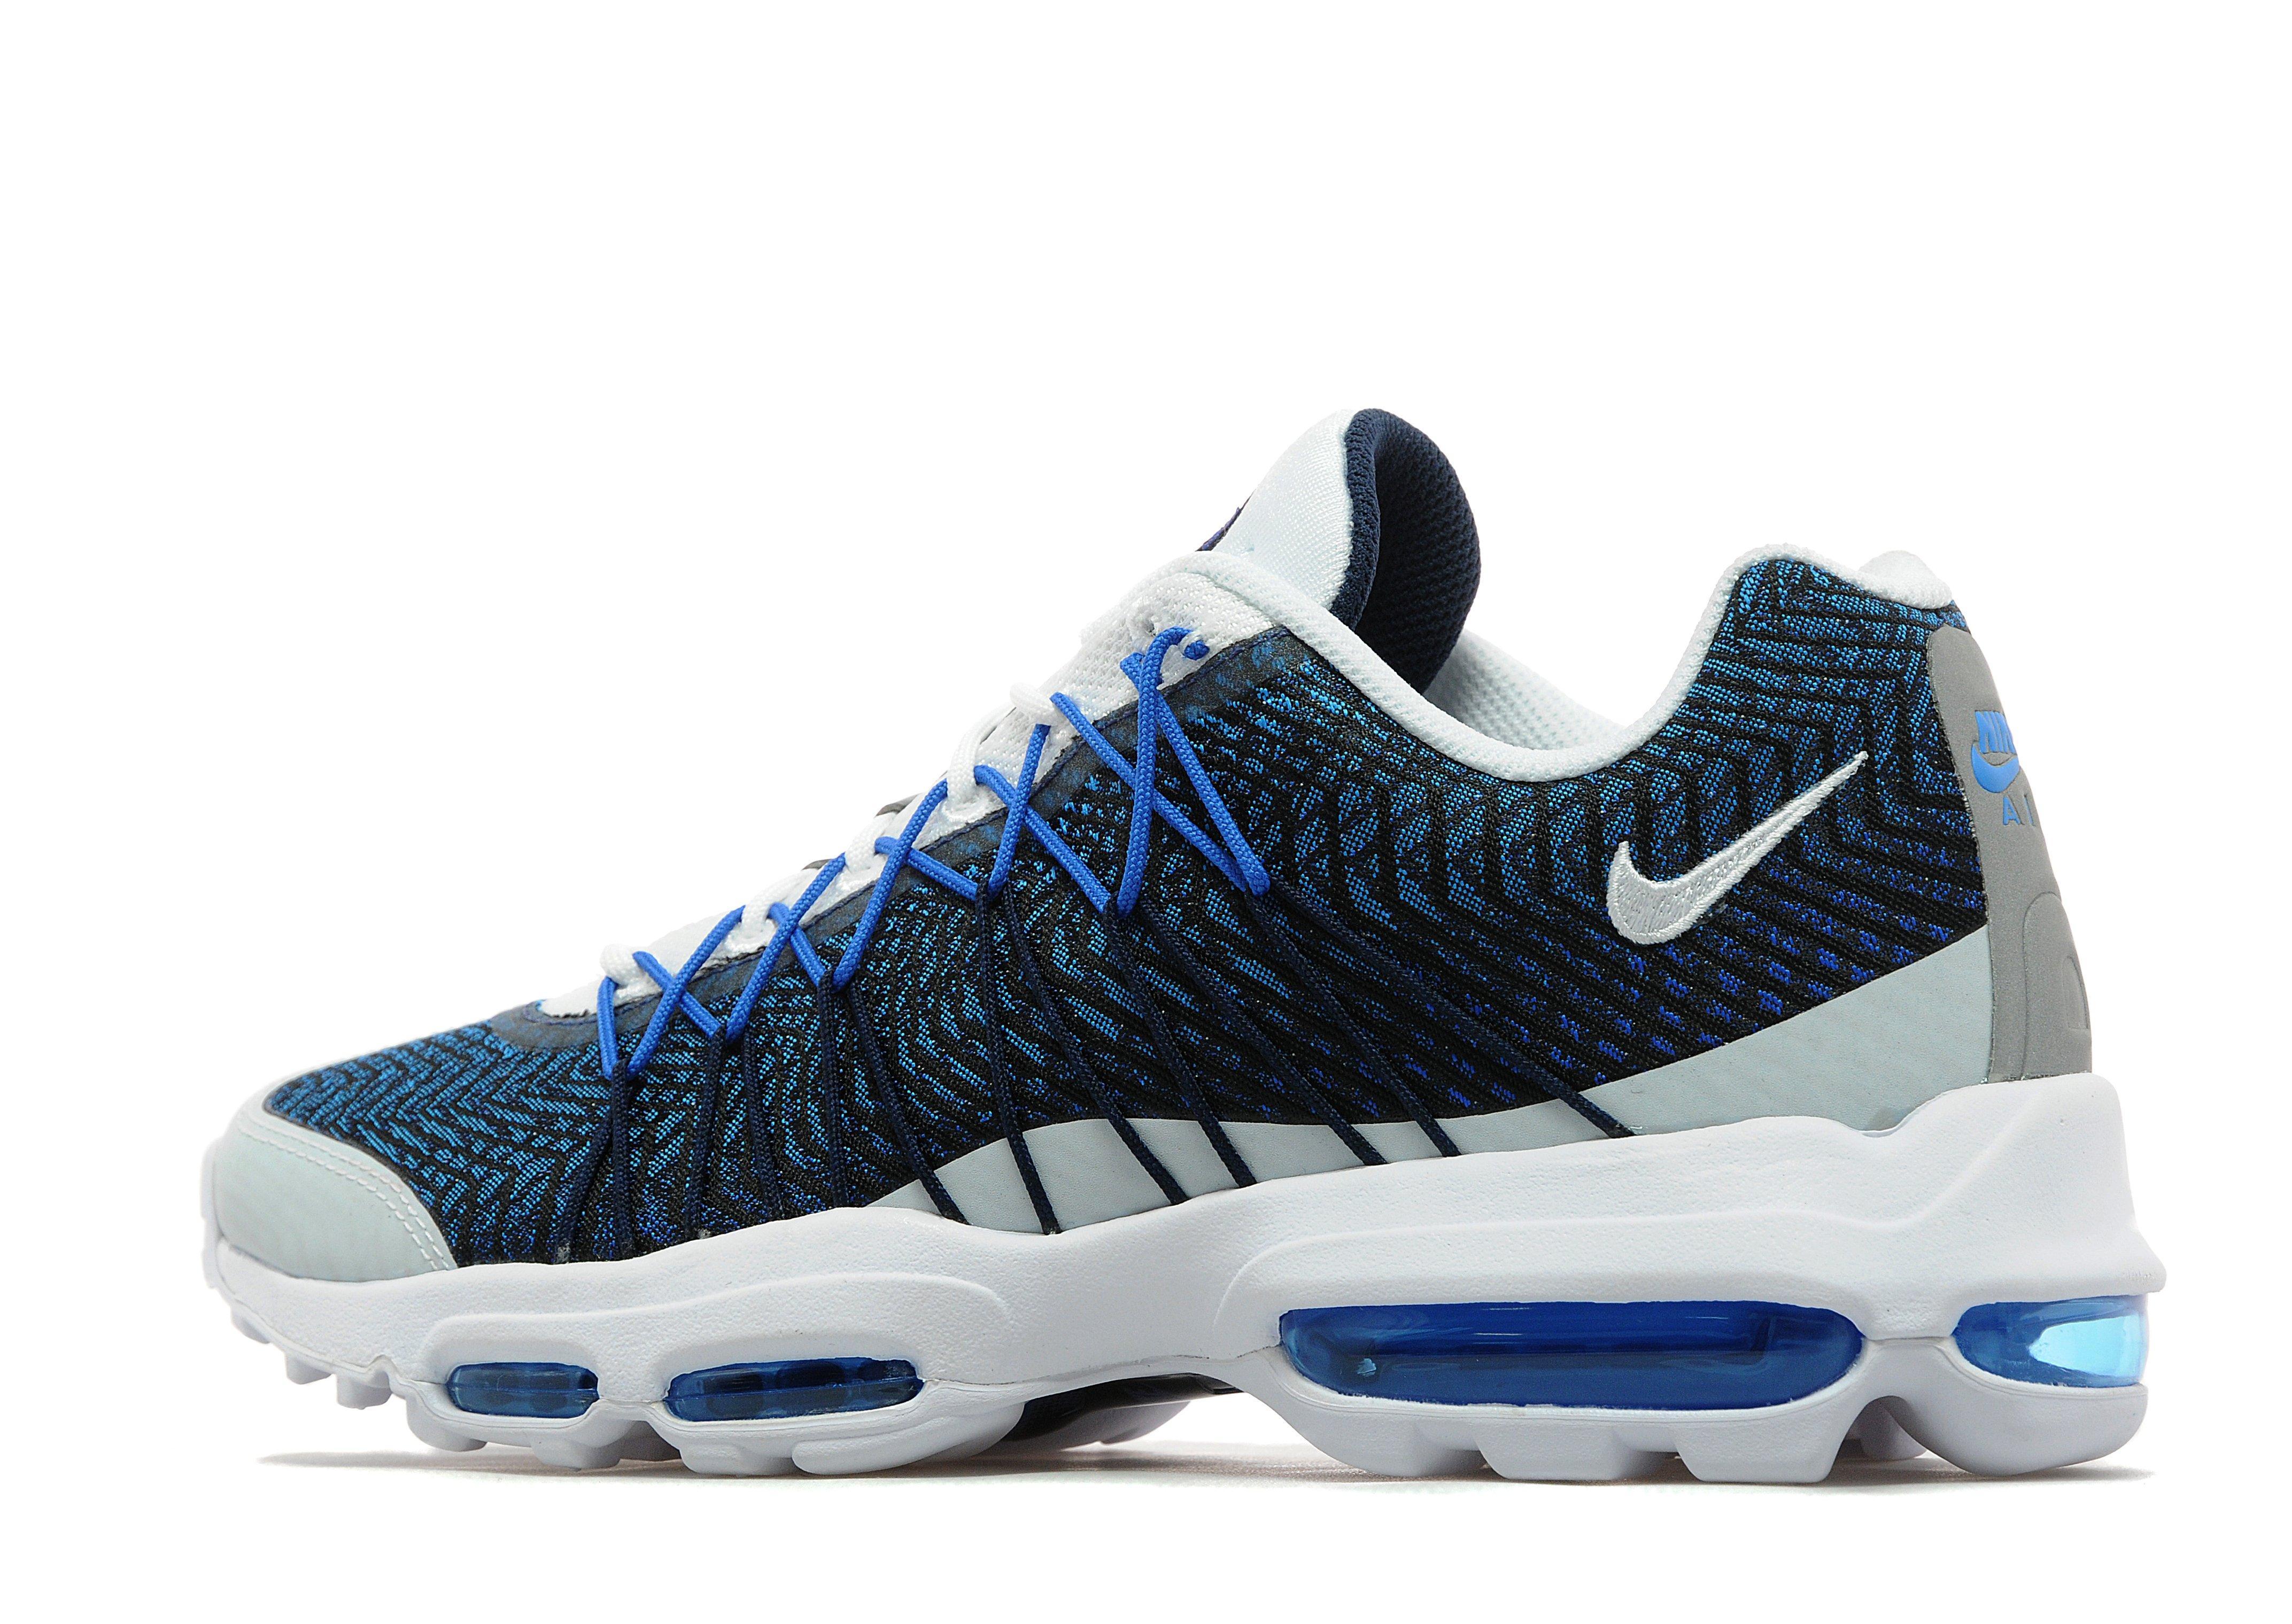 air max 95 jacquard blue